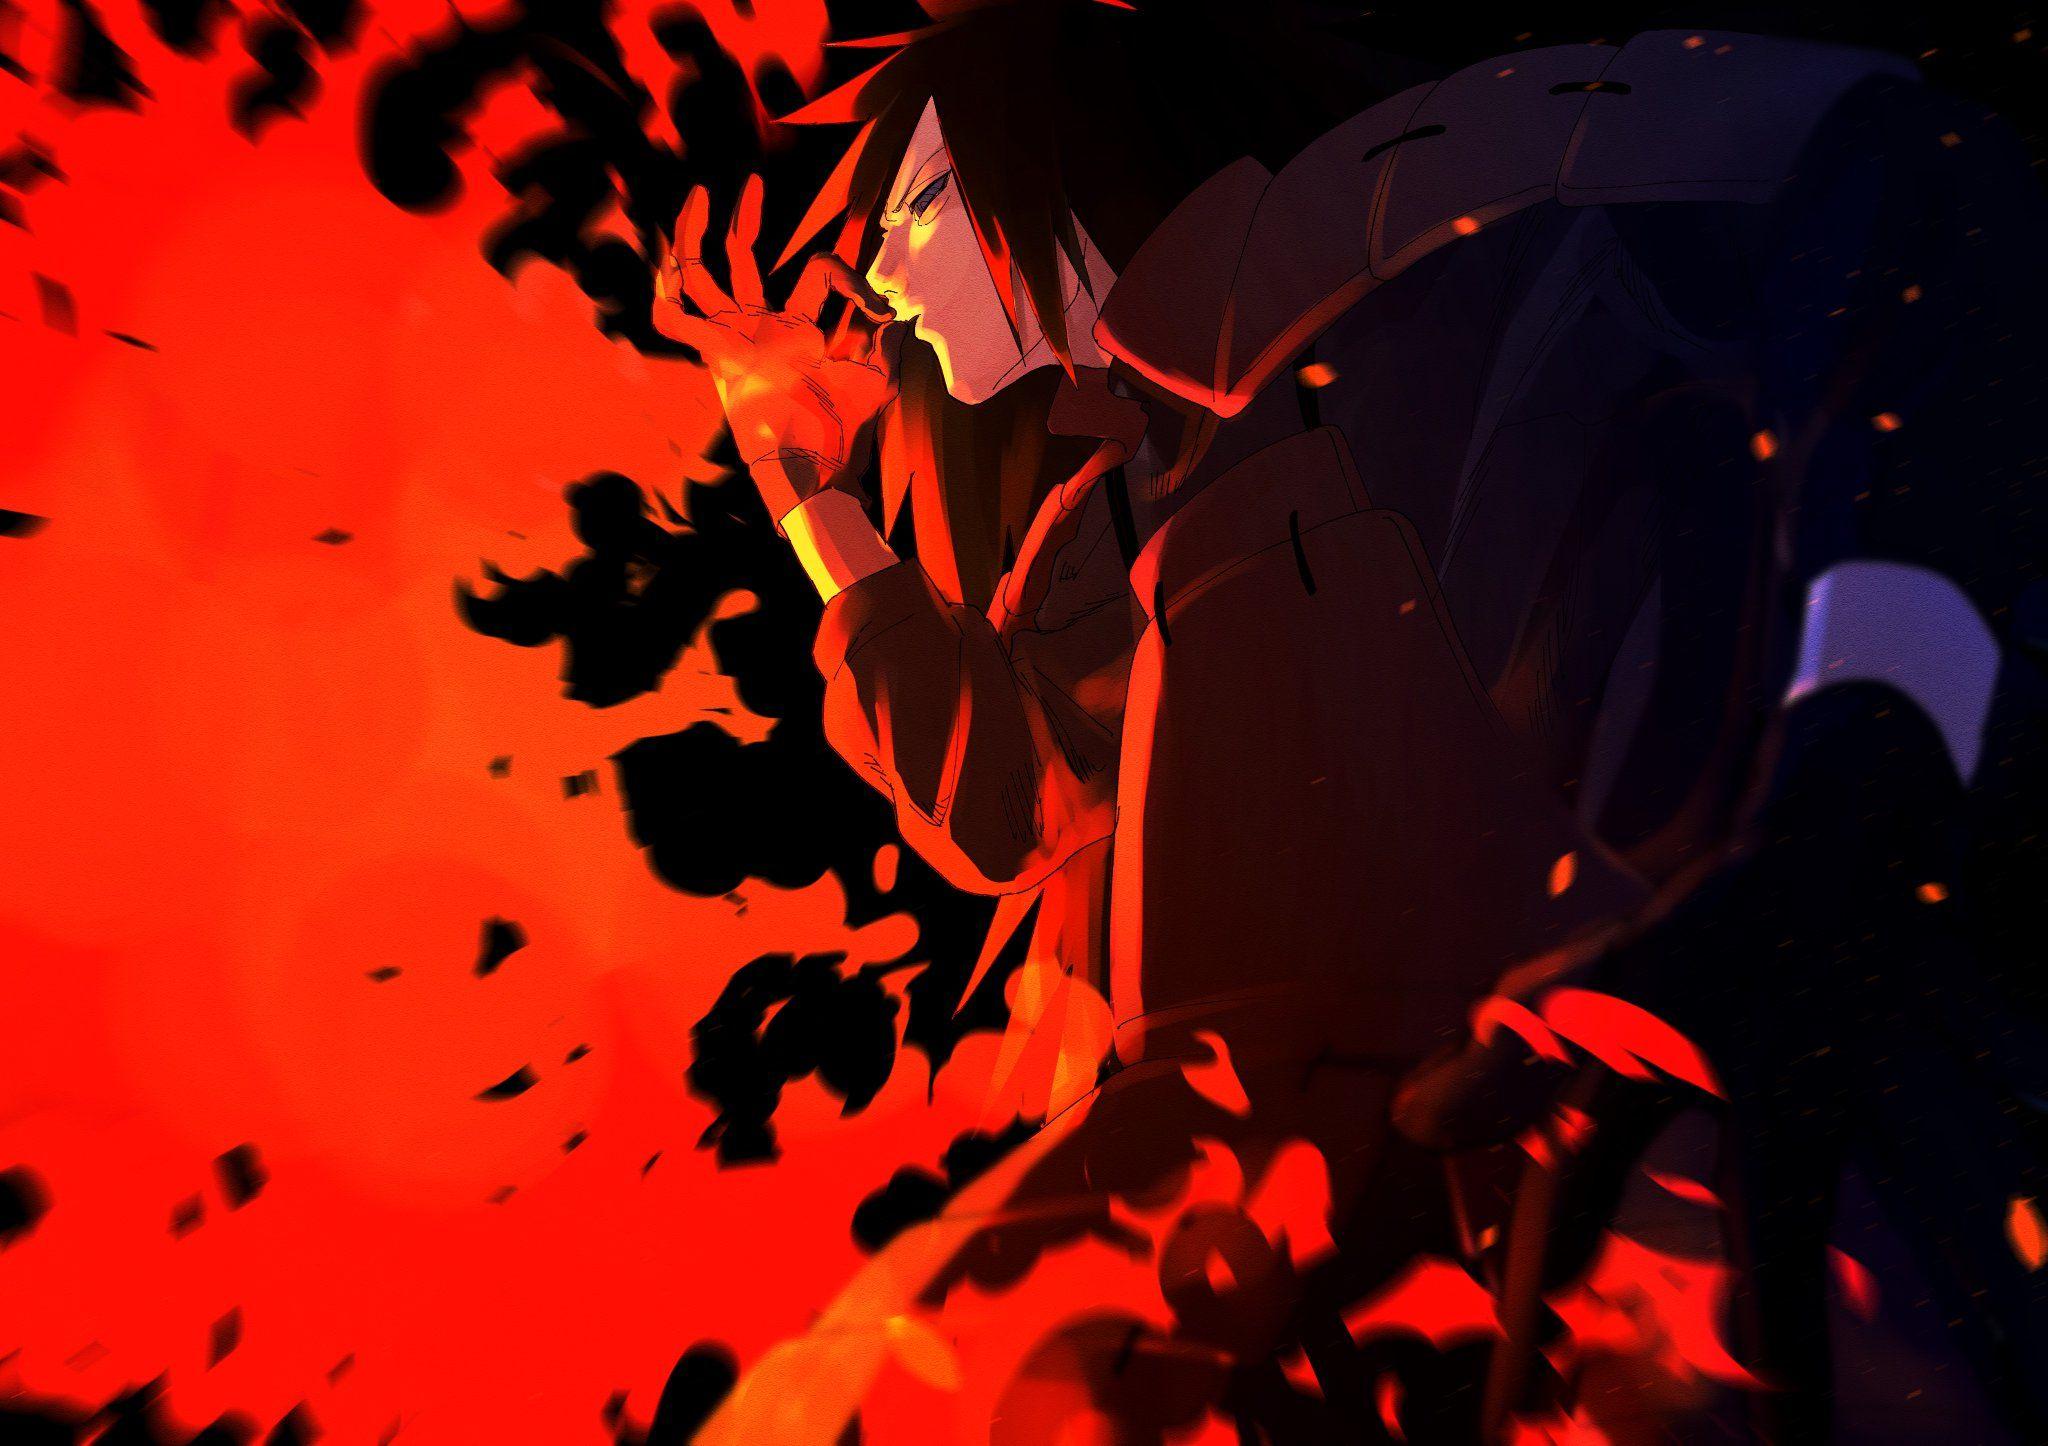 Tvitter Uchiha Madara Uchiha Anime Naruto